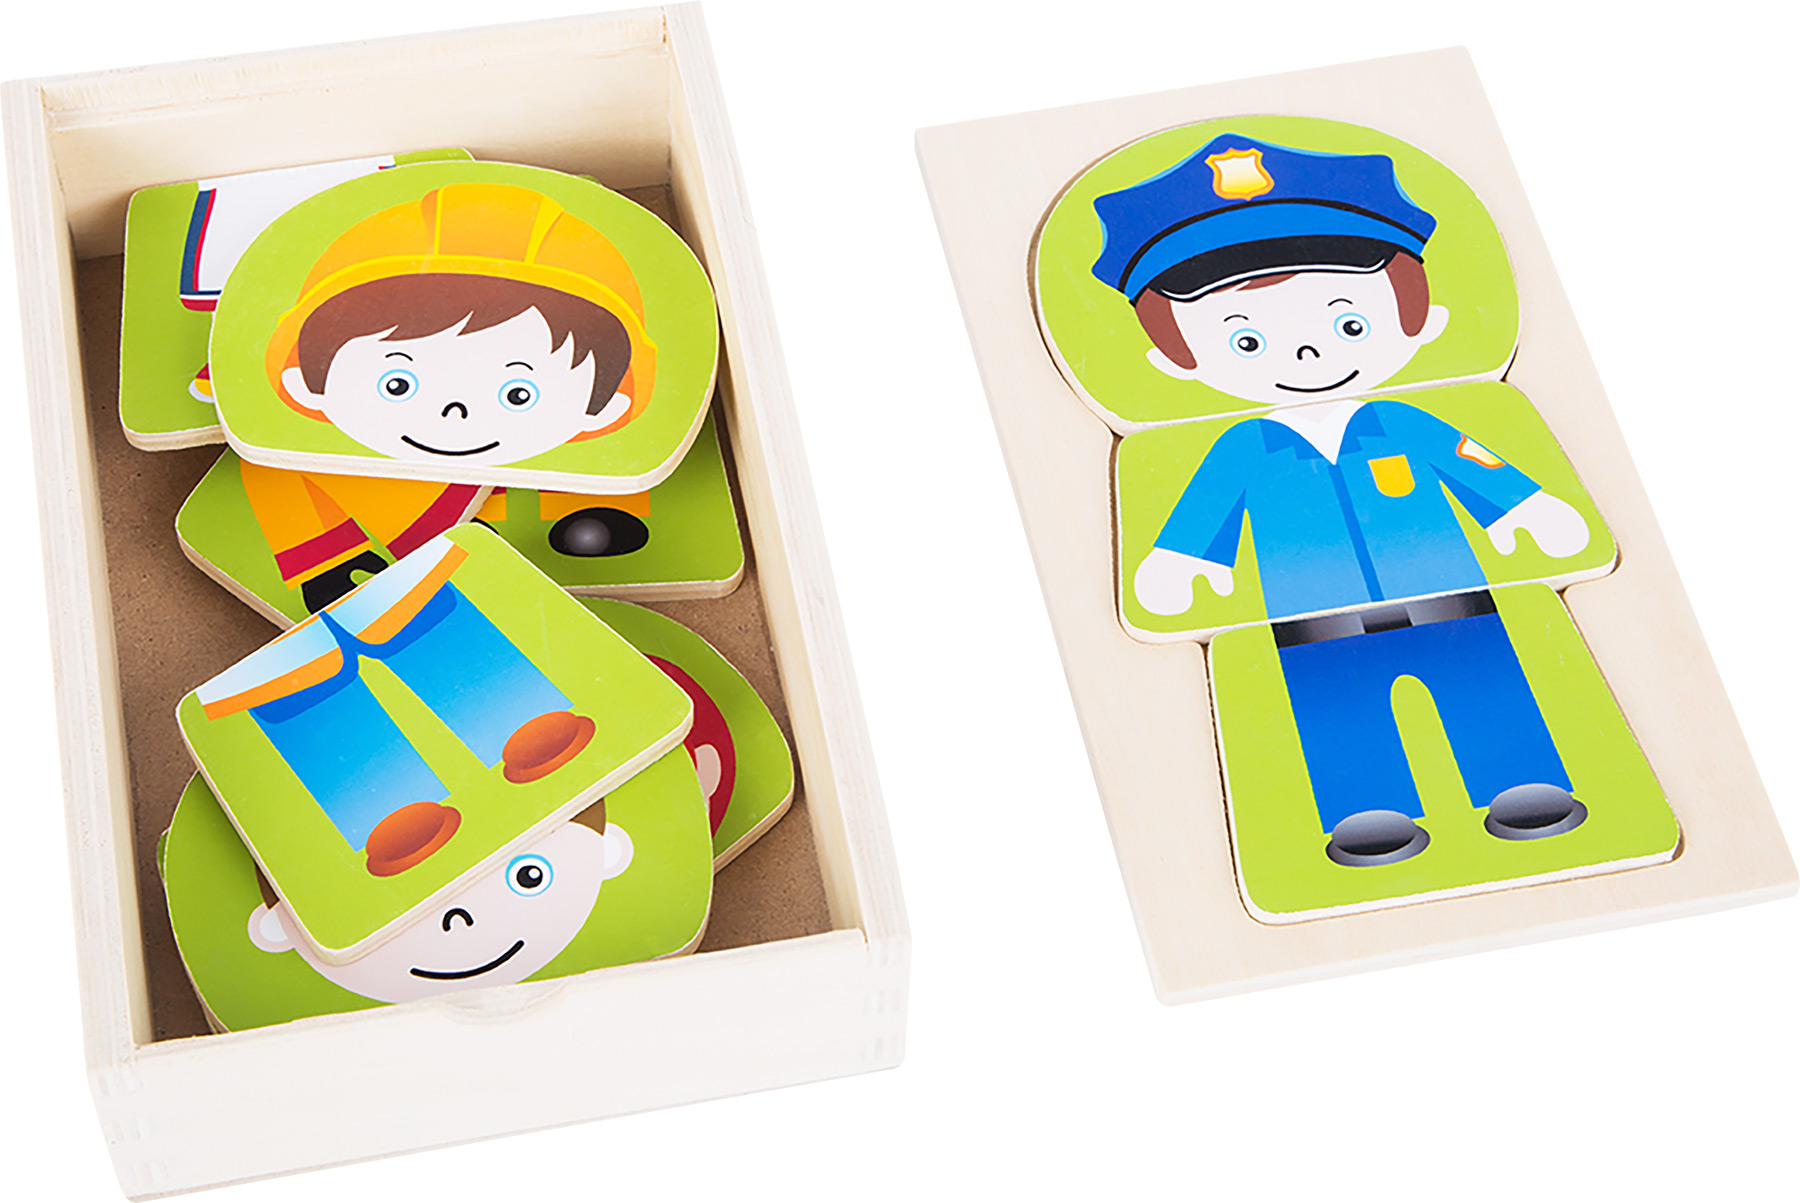 Small Foot Dřevěné puzzle chlapecký sen povolání